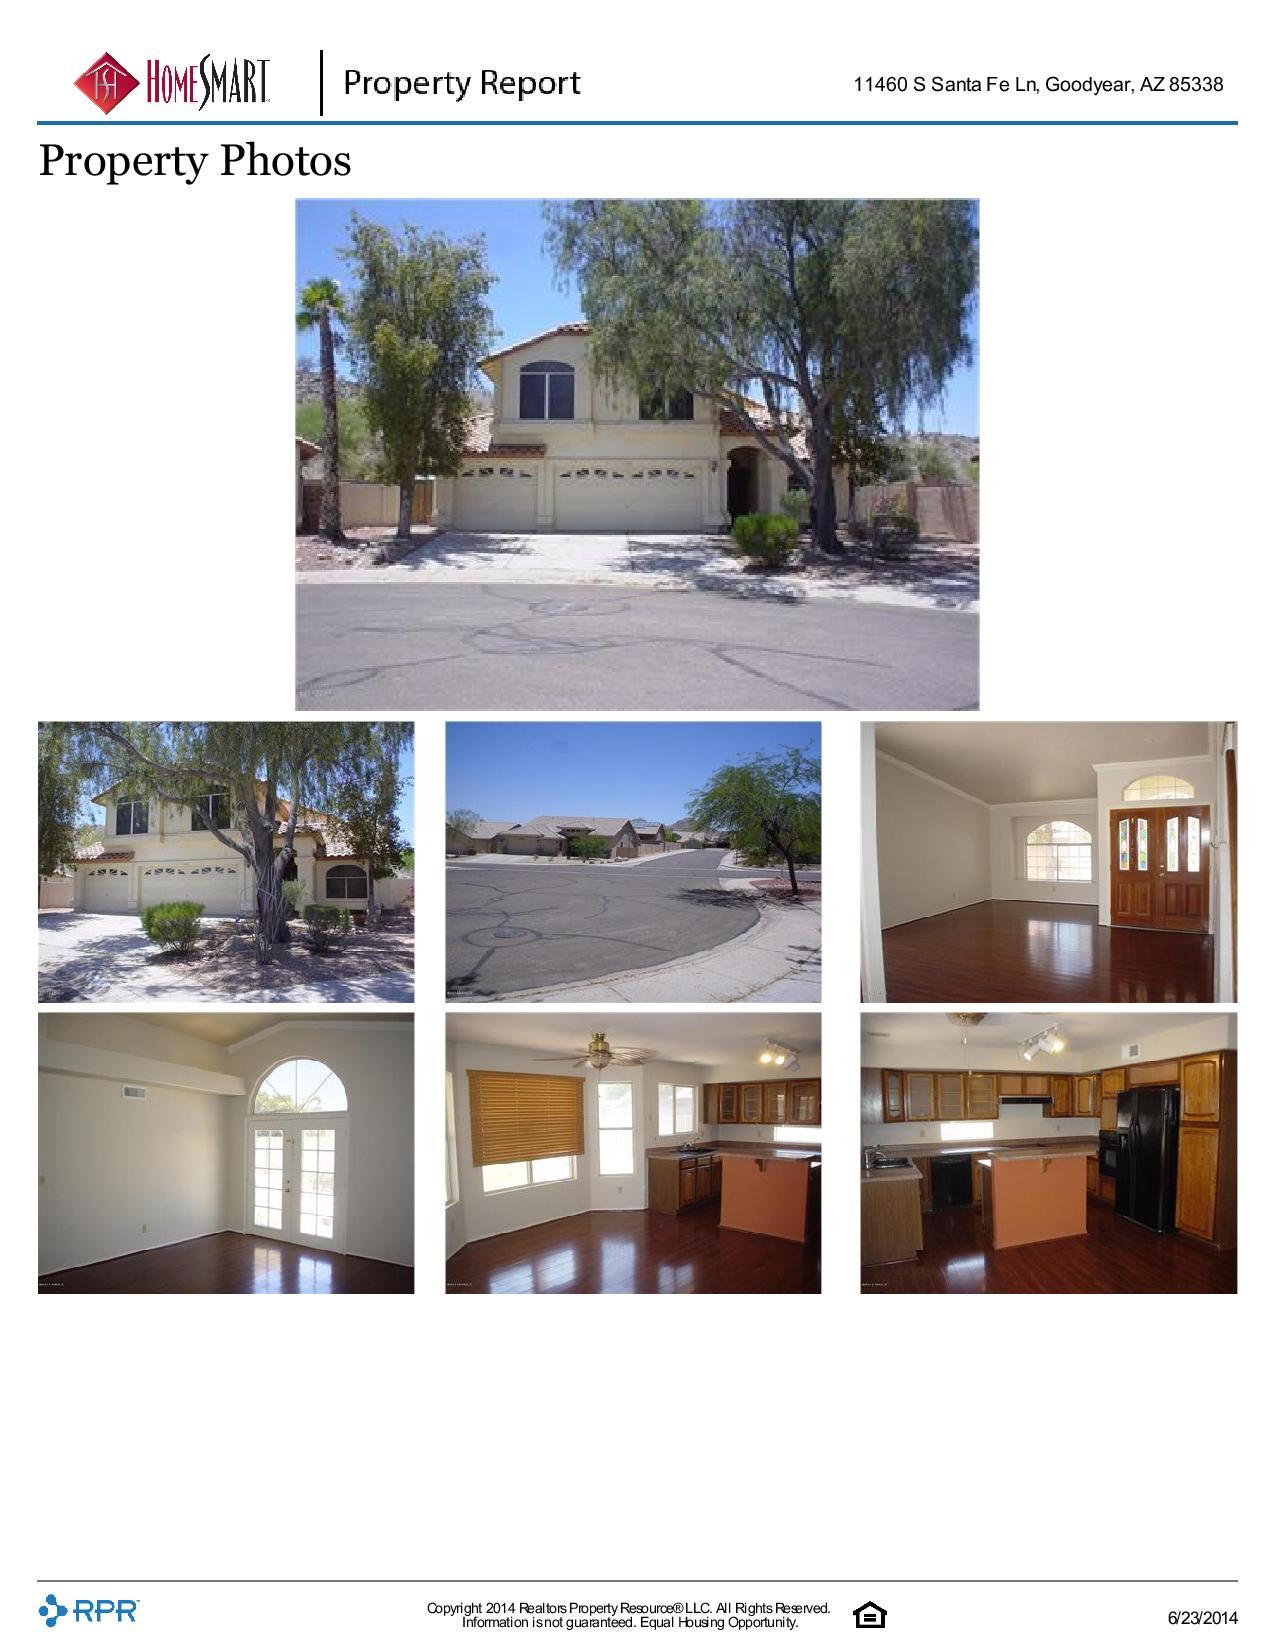 11460-S-Santa-Fe-Ln-Goodyear-AZ-85338-page-005